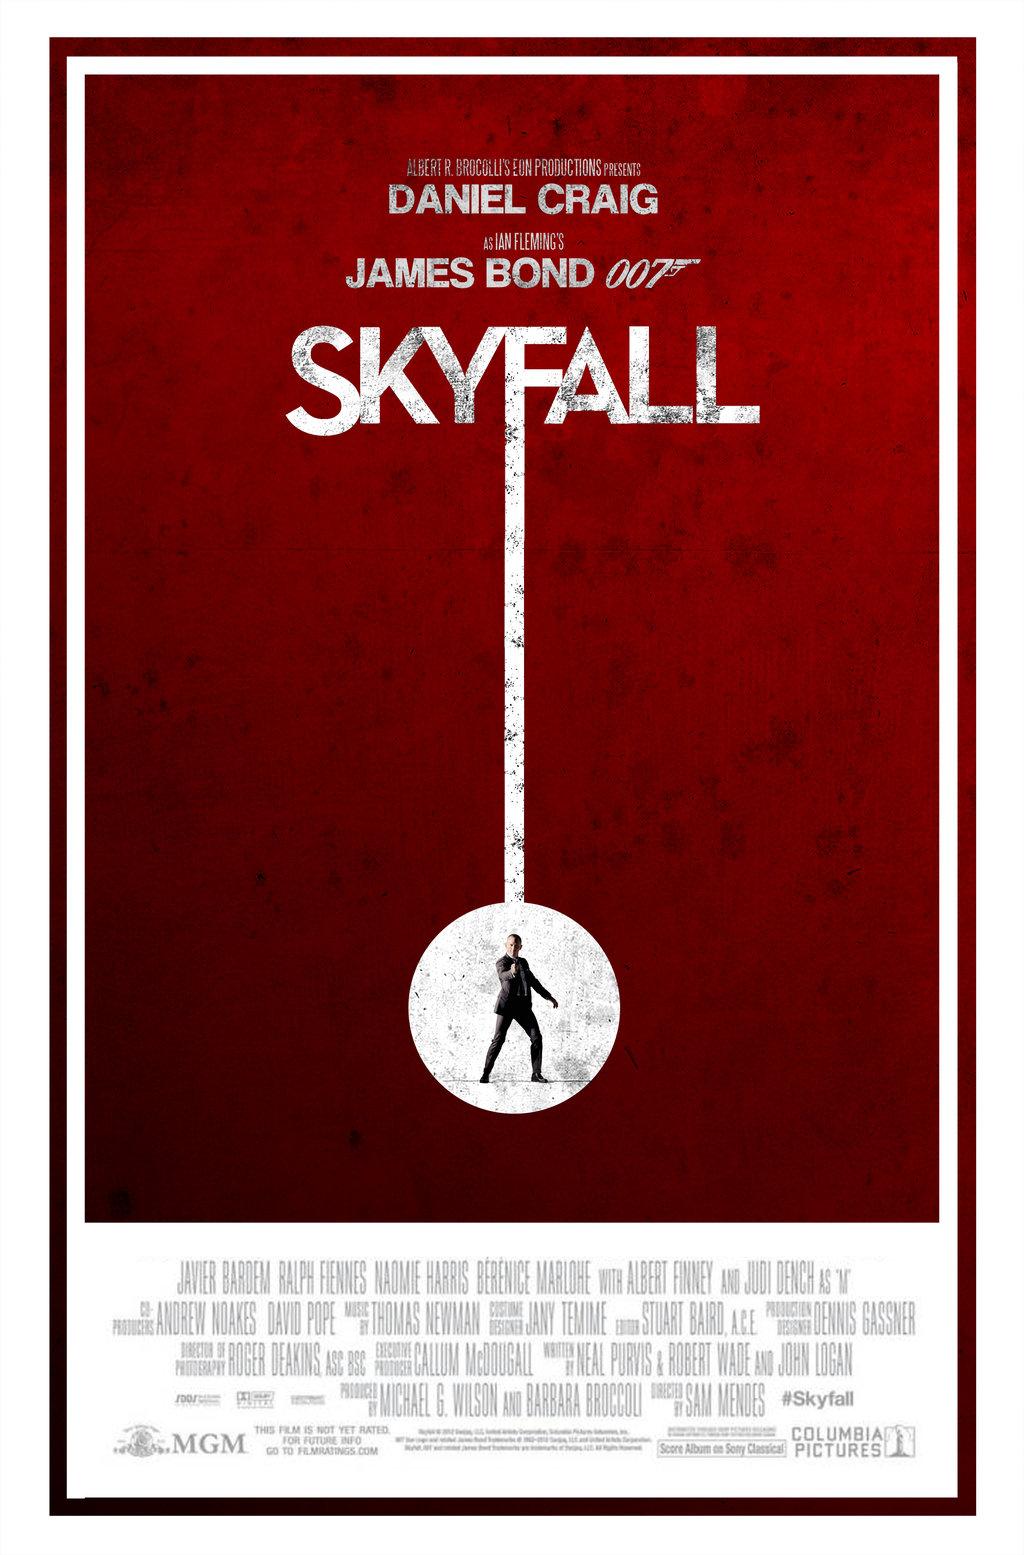 skyfall_movie_poster_by_alistair_rhythm-d8zh6j0